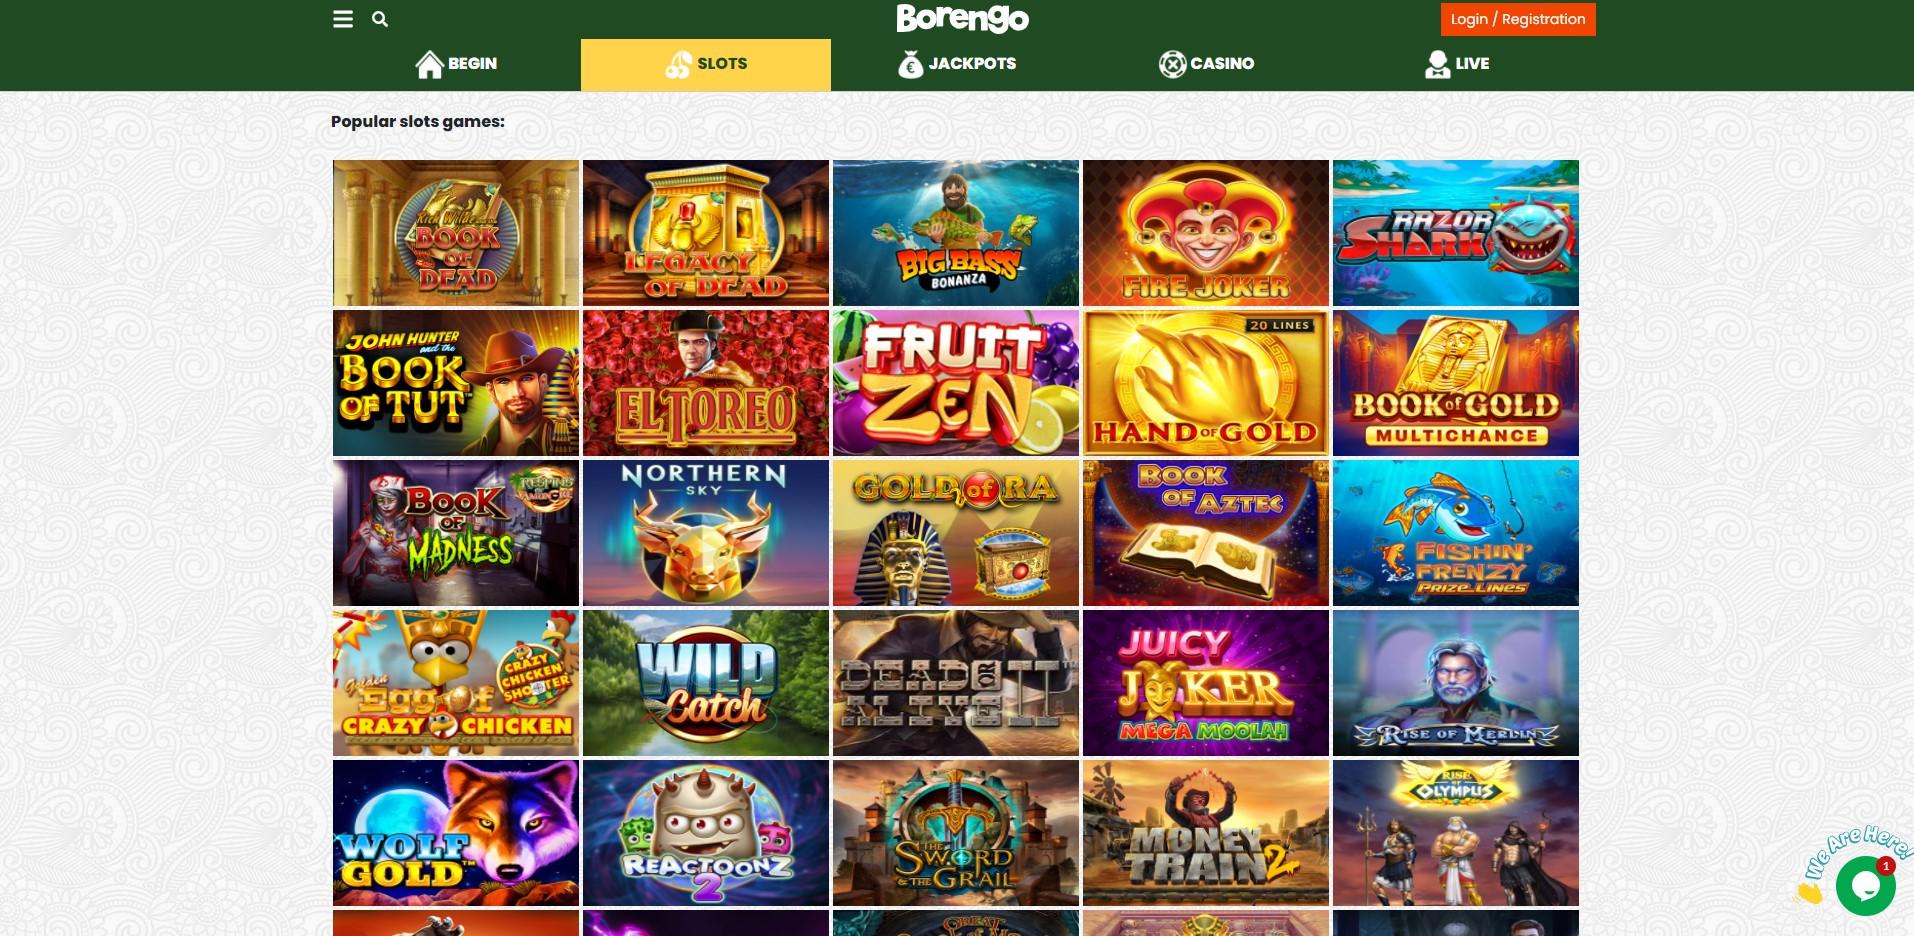 Games at Borengo Casino